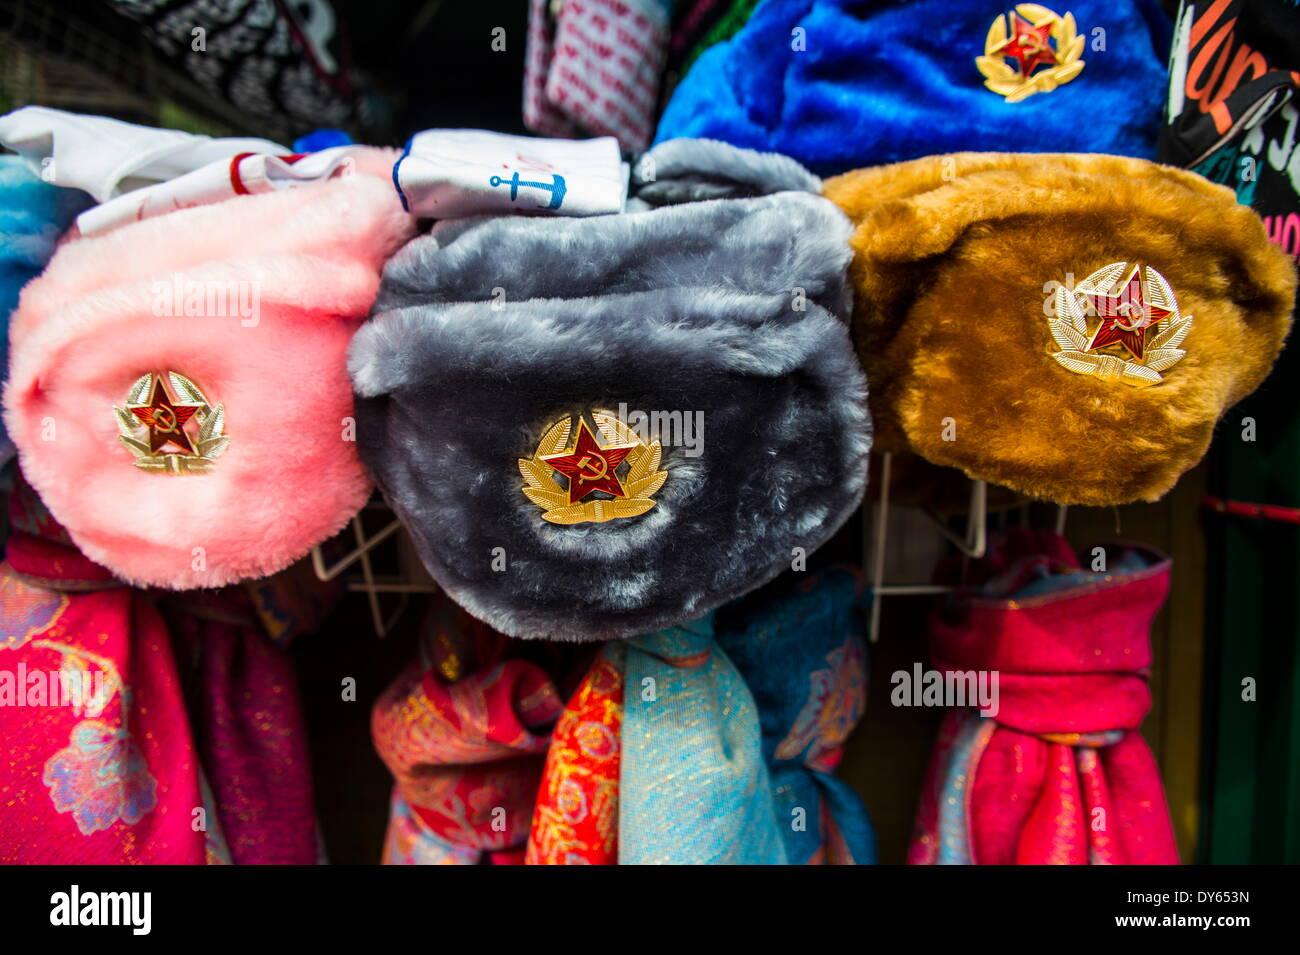 2c4c1c4ea5a Fur Hats Stock Photos   Fur Hats Stock Images - Alamy